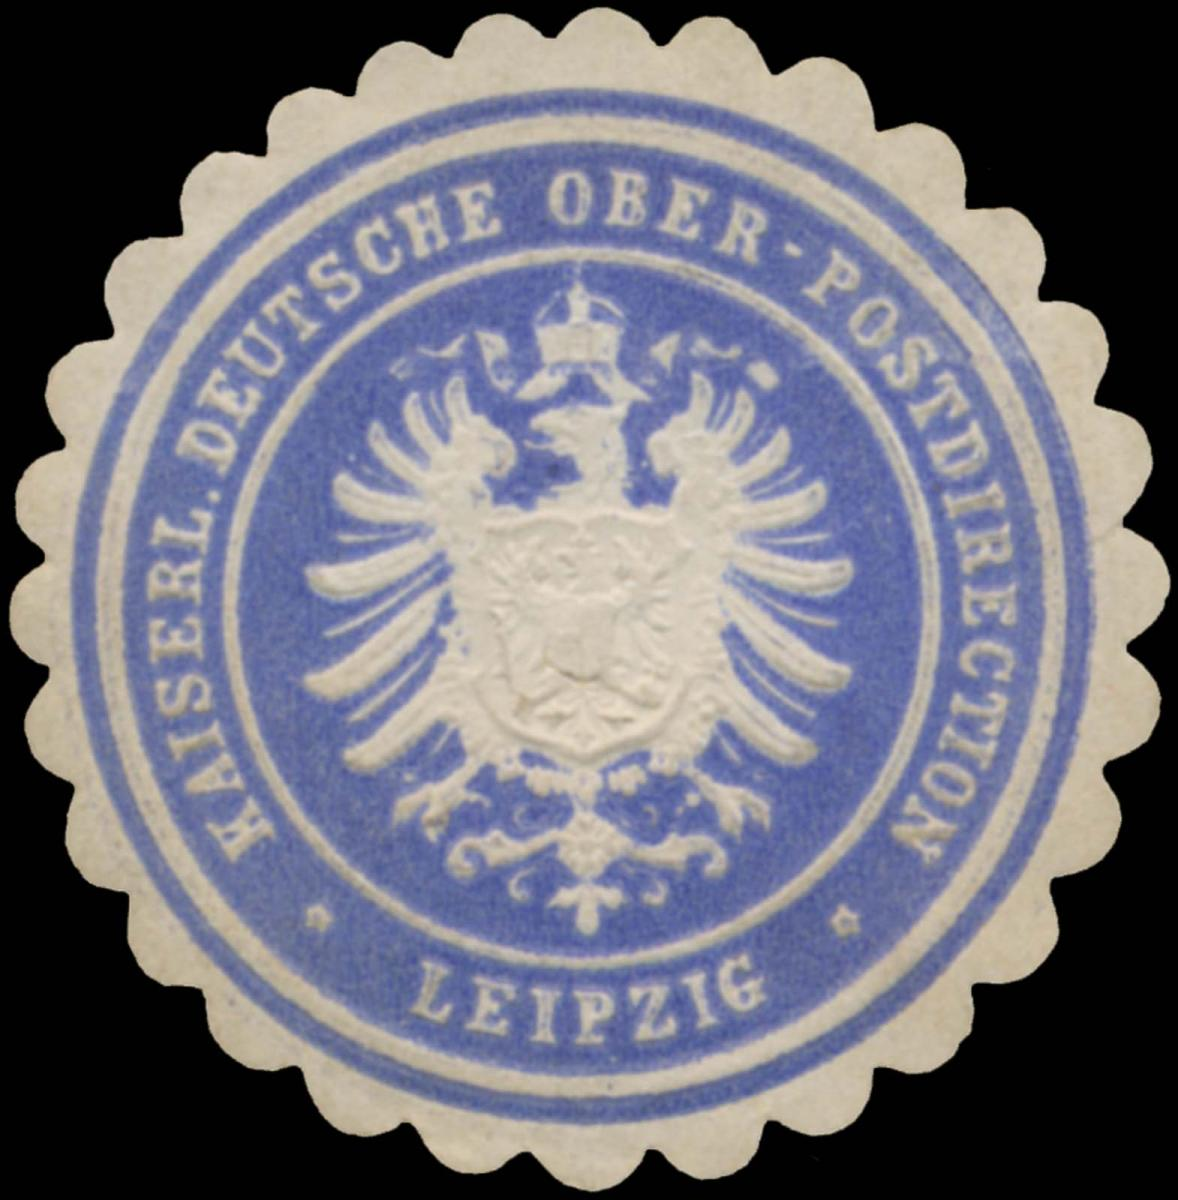 K. Deutsche Ober-Postdirection Leipzig